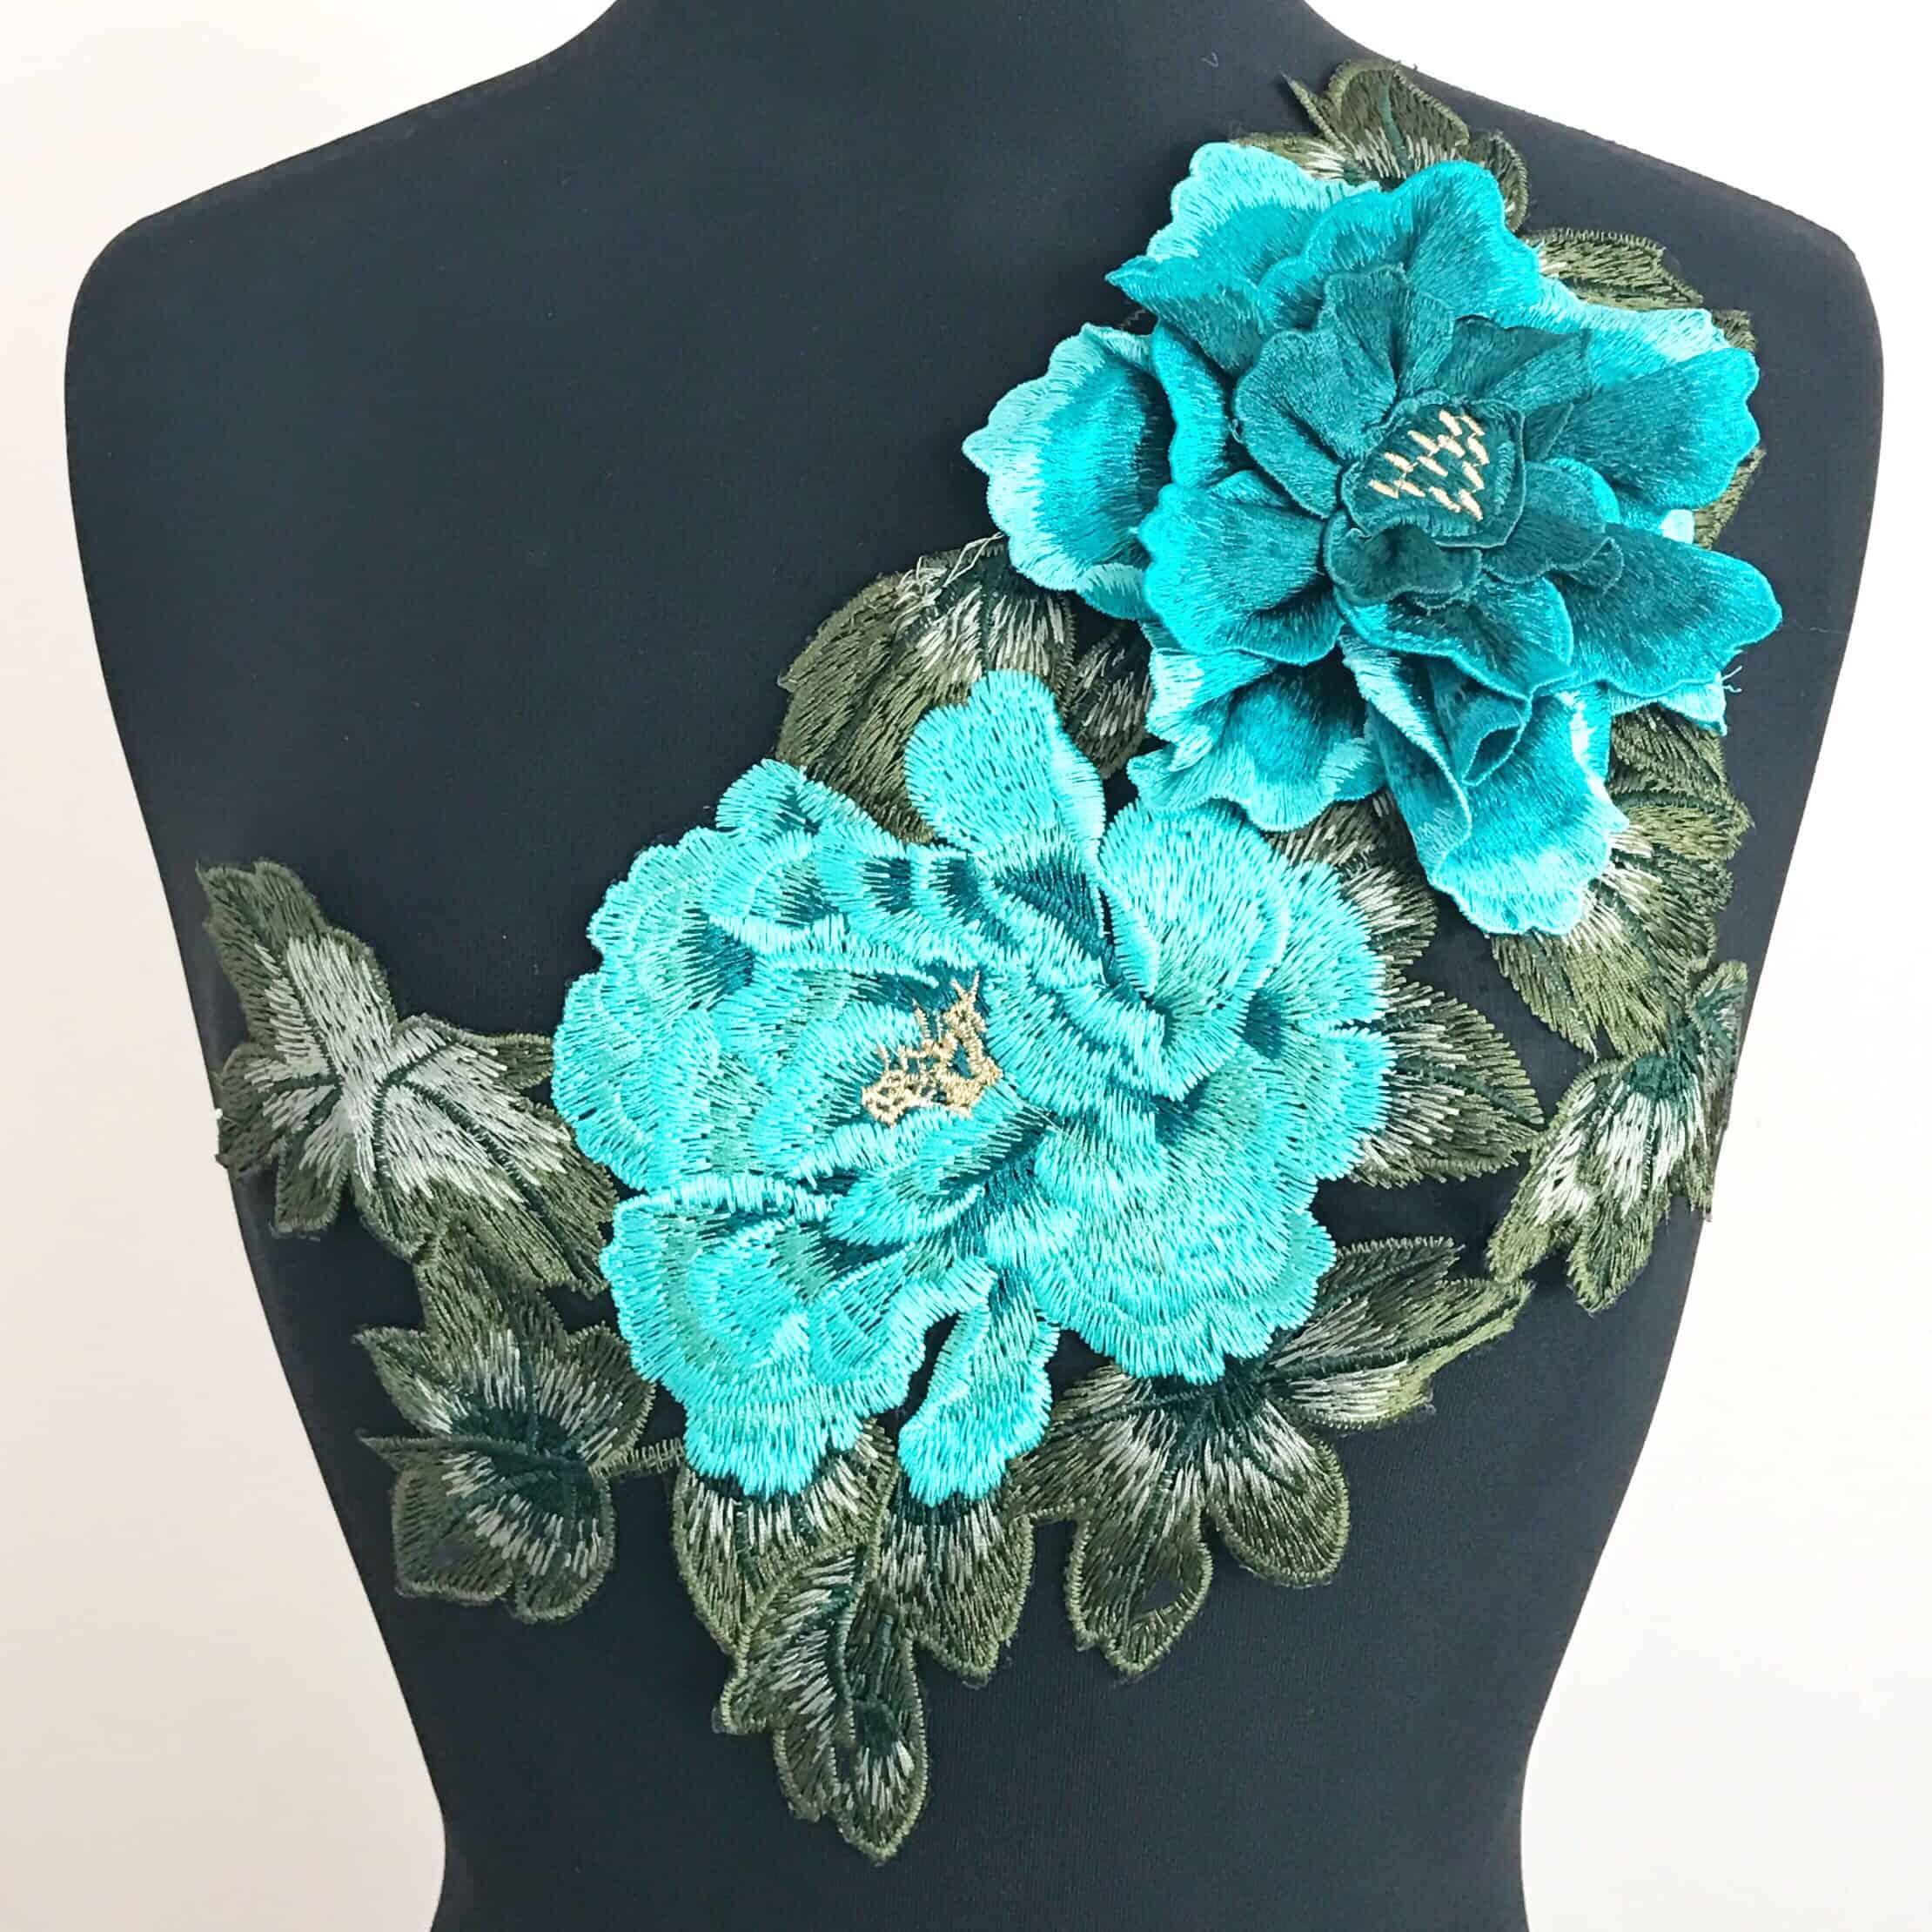 3D Teal Floral Embroidered Applique on Black Mesh